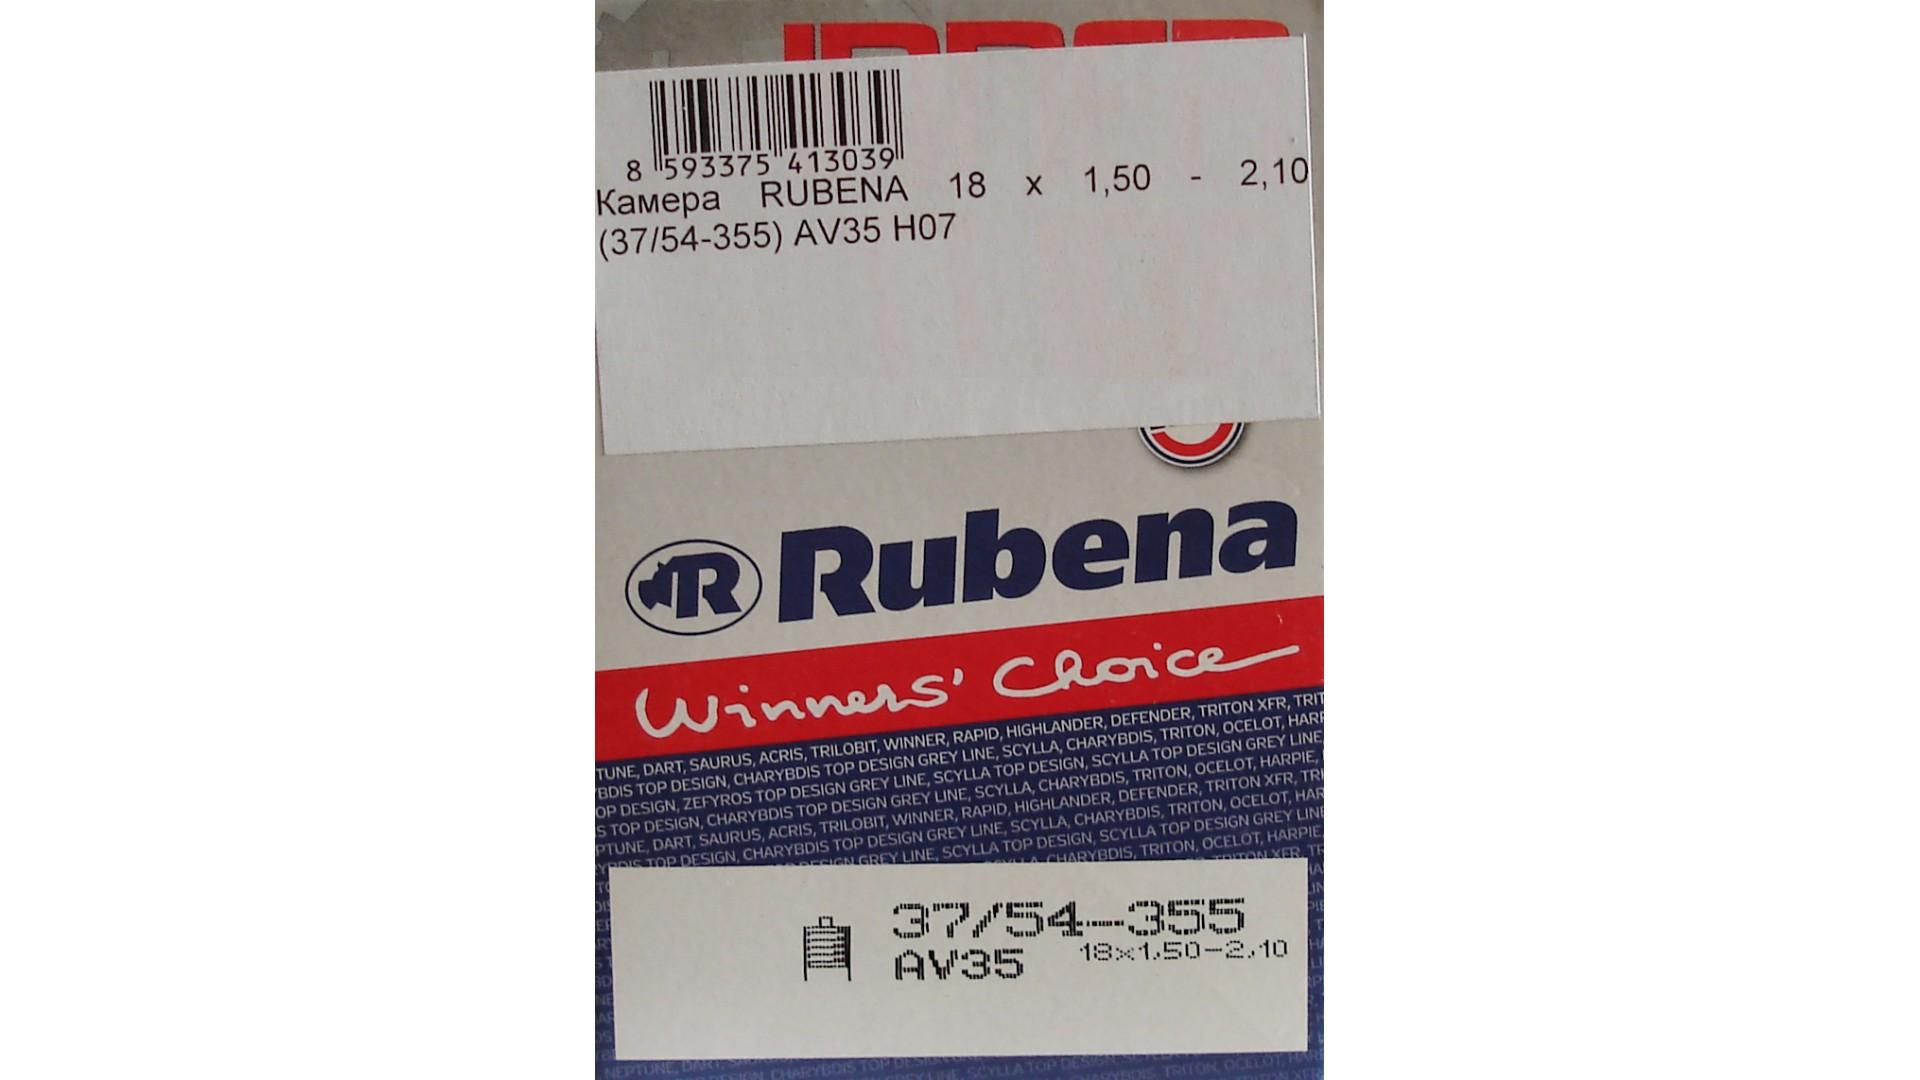 Камера RUBENA 18 x 1,50 - 2,10 AV35 H07